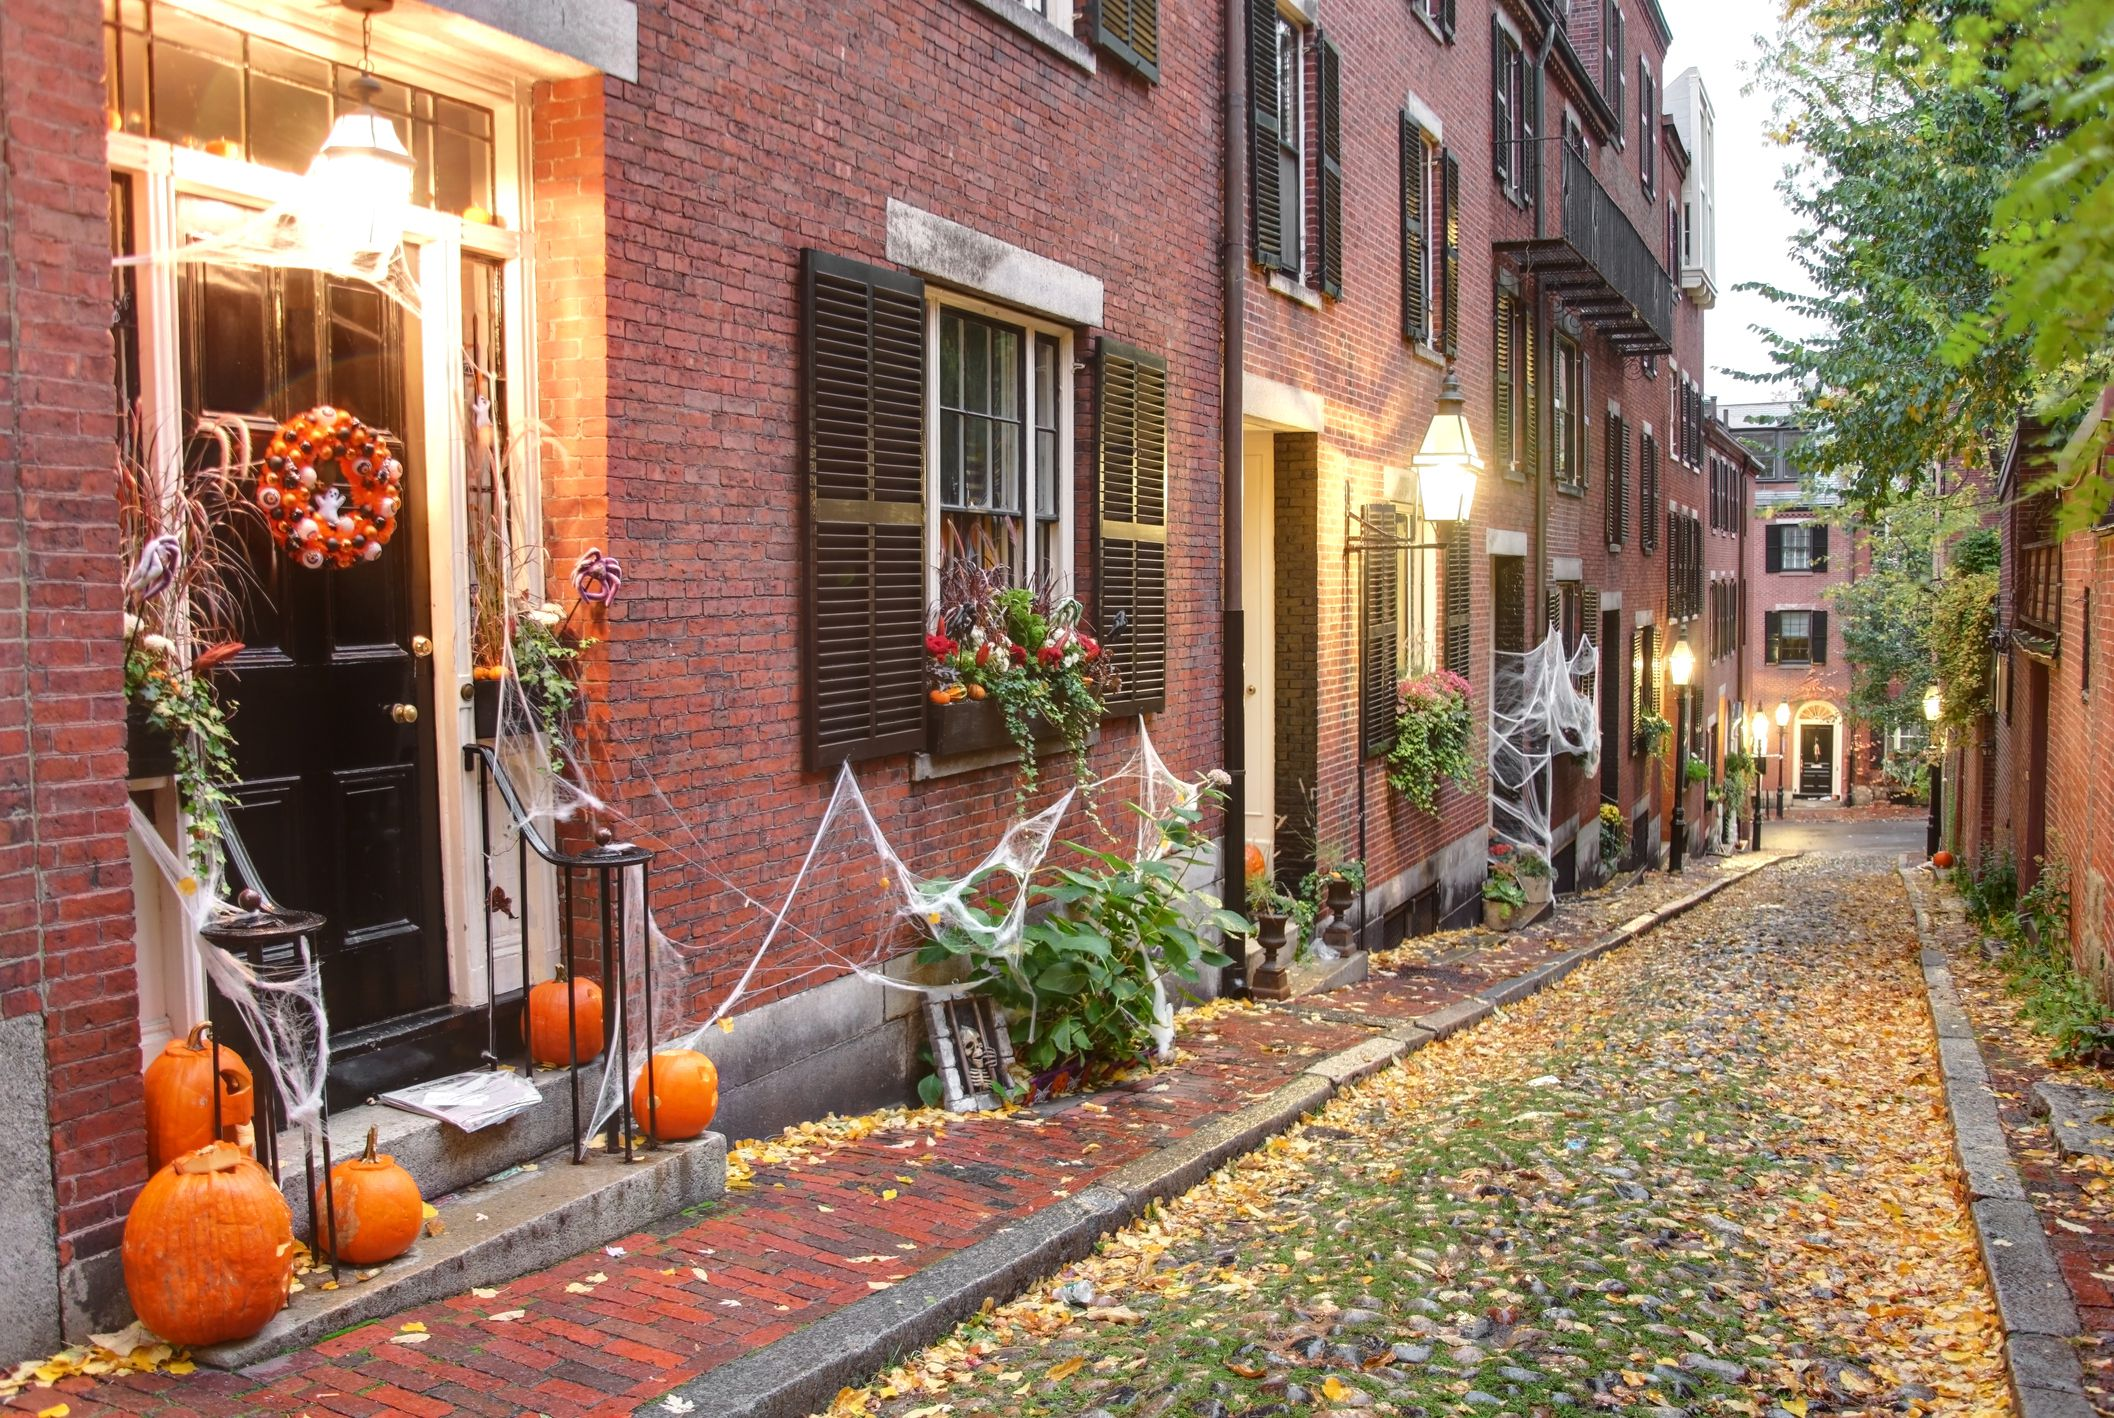 Quot You Ve Been Booed Quot Neighborhood Halloween Letter